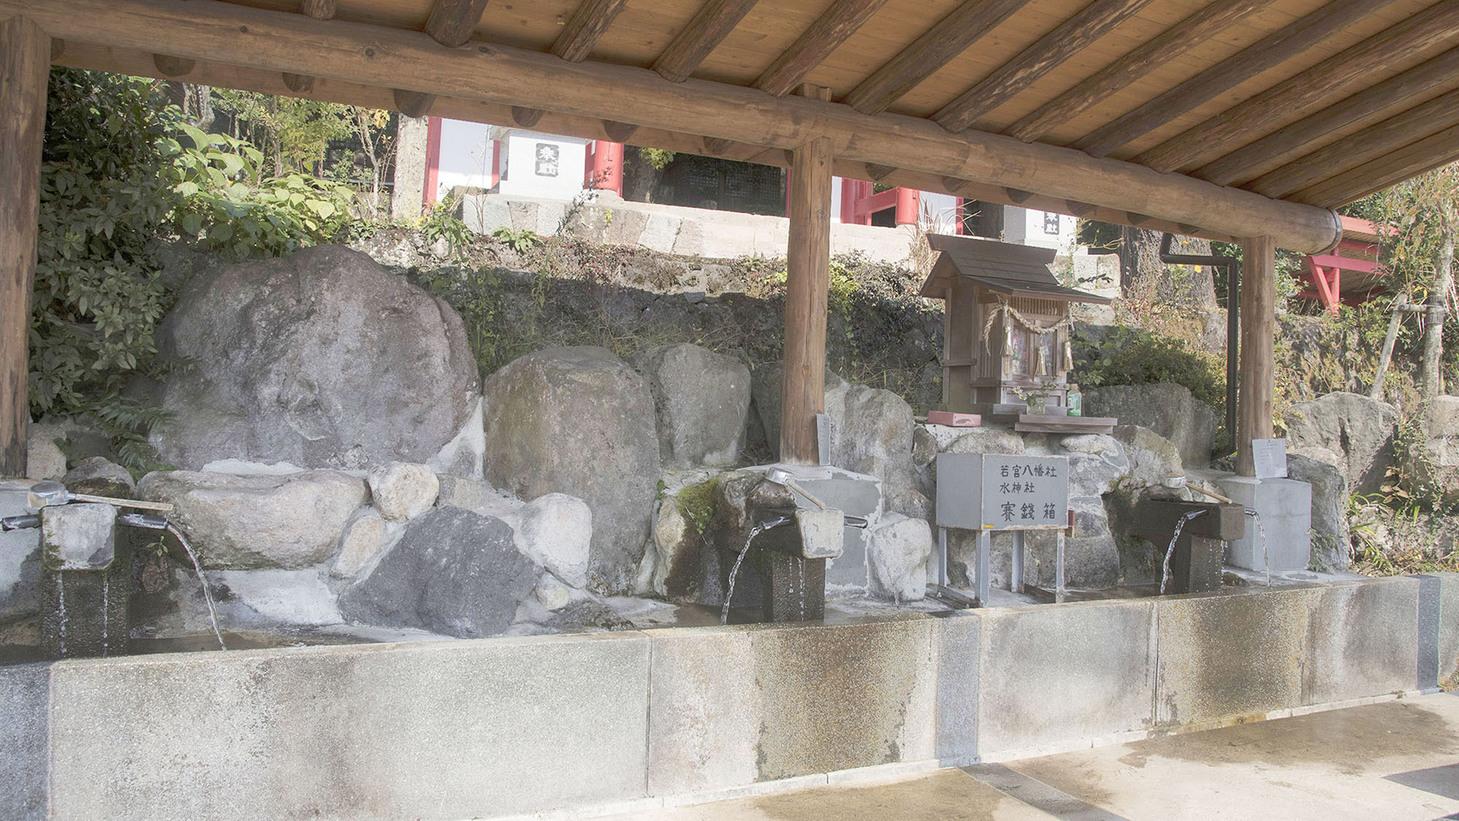 ・名水宮川滝の口の湧き水がくめる若宮八幡社